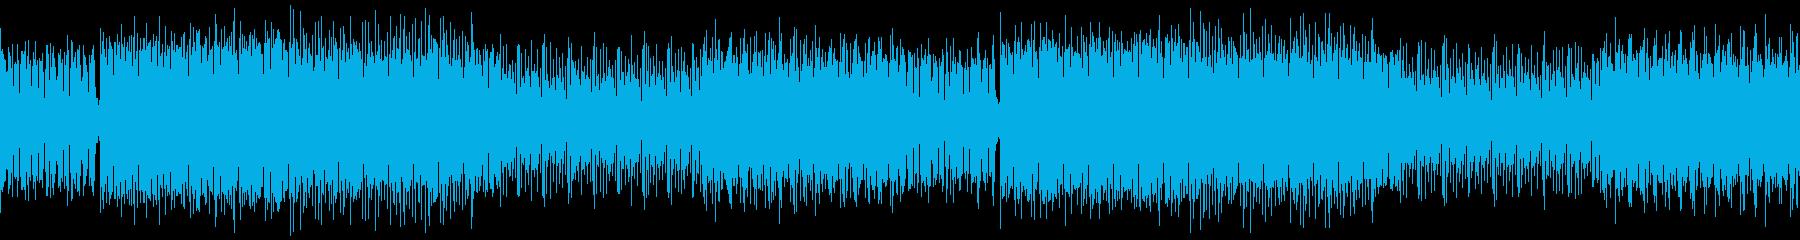 【ループ版】EDM ディスコおしゃれの再生済みの波形